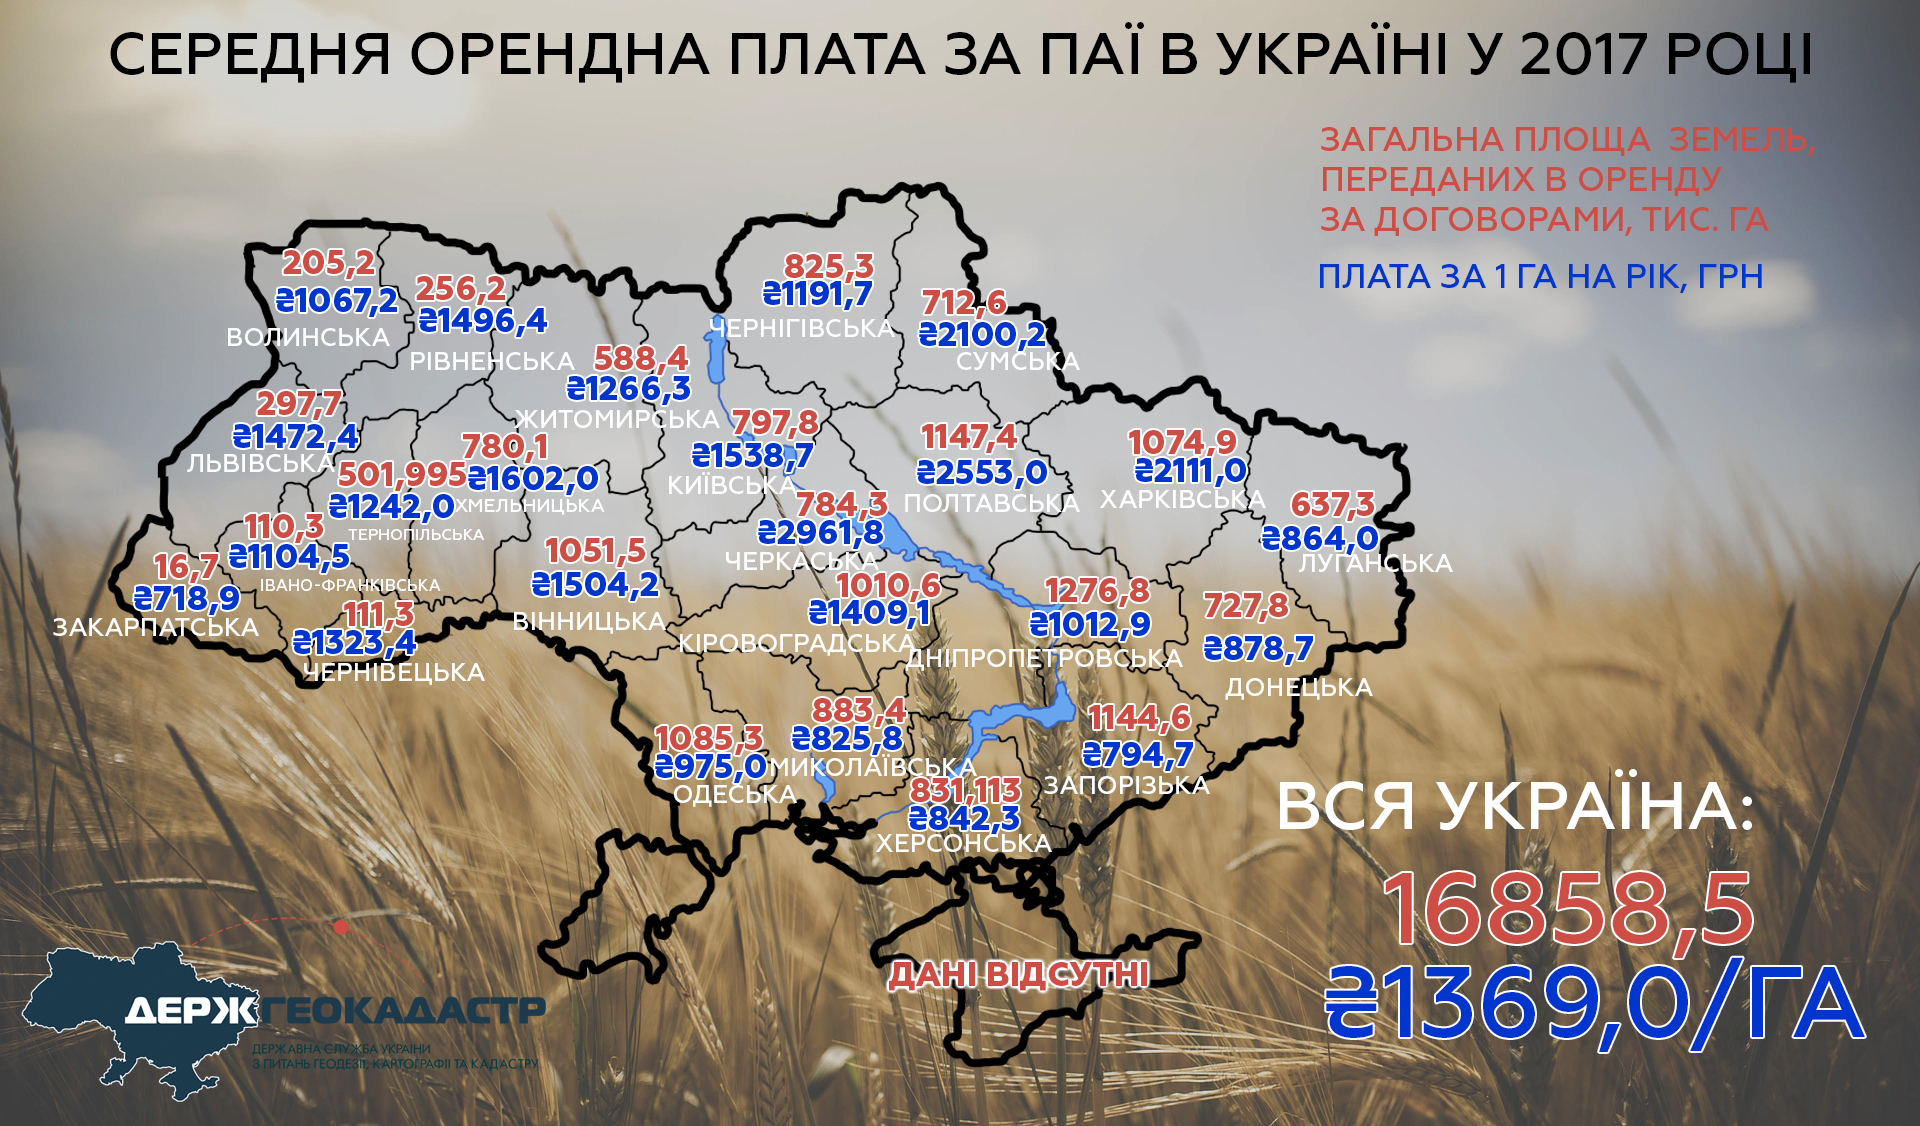 Serednya Orendna Plata Za Payi V Ukrayini 2017